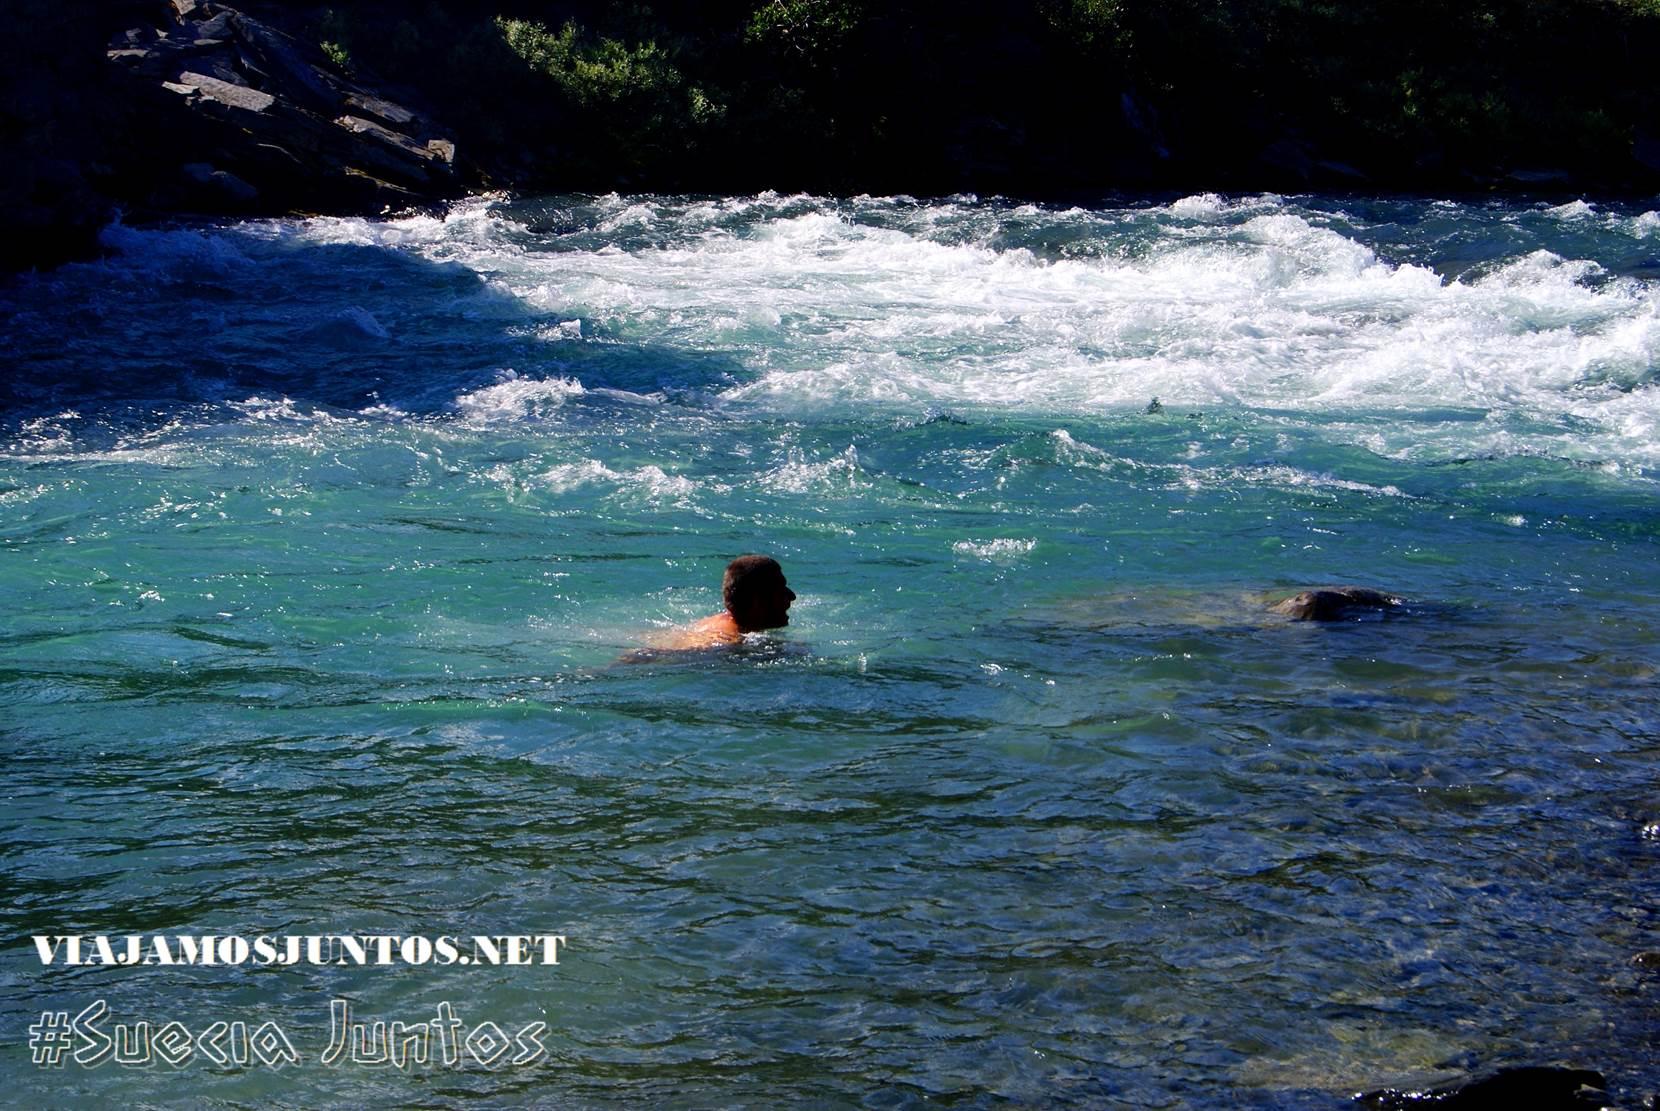 Mi ducha favorita estando de trekking: un río, lago, mar...